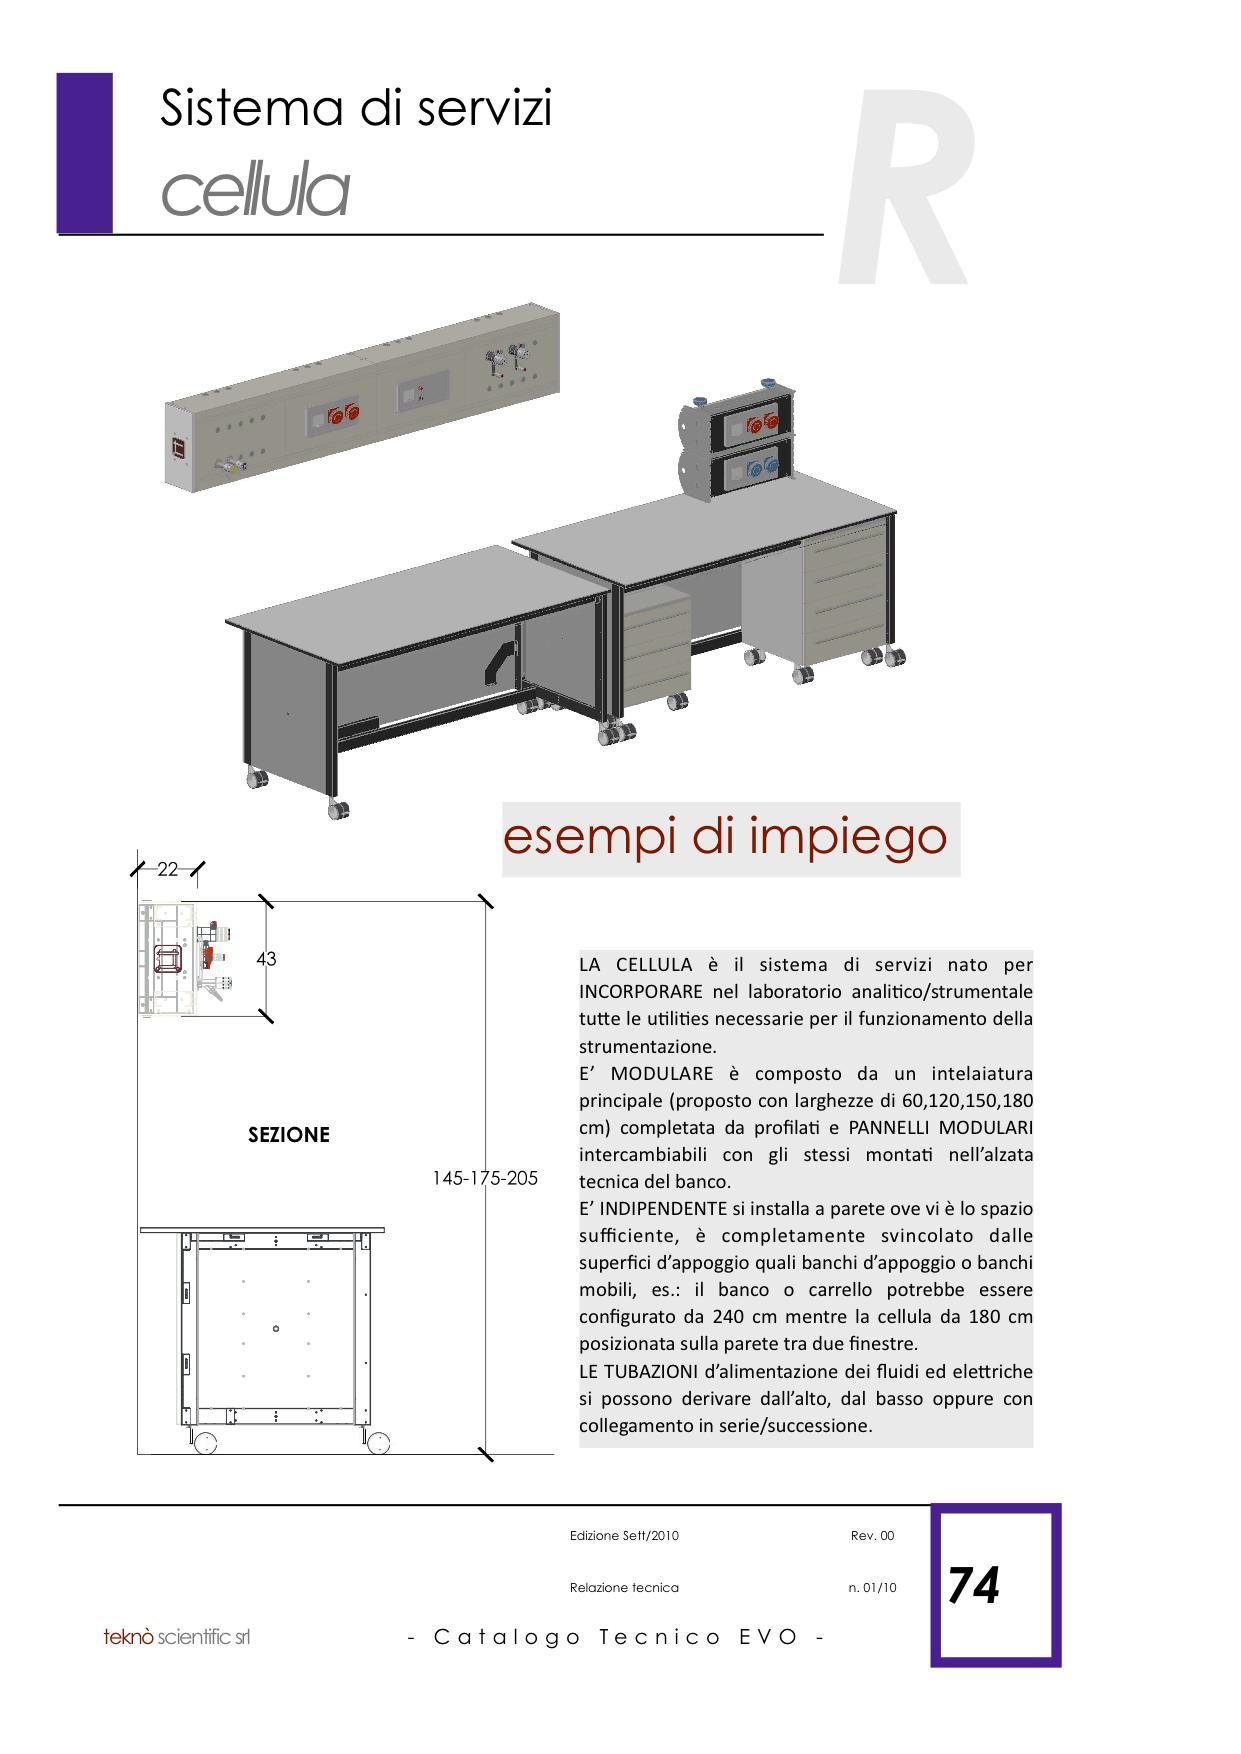 EVO Catalogo Tecnico Generale copia 74.png